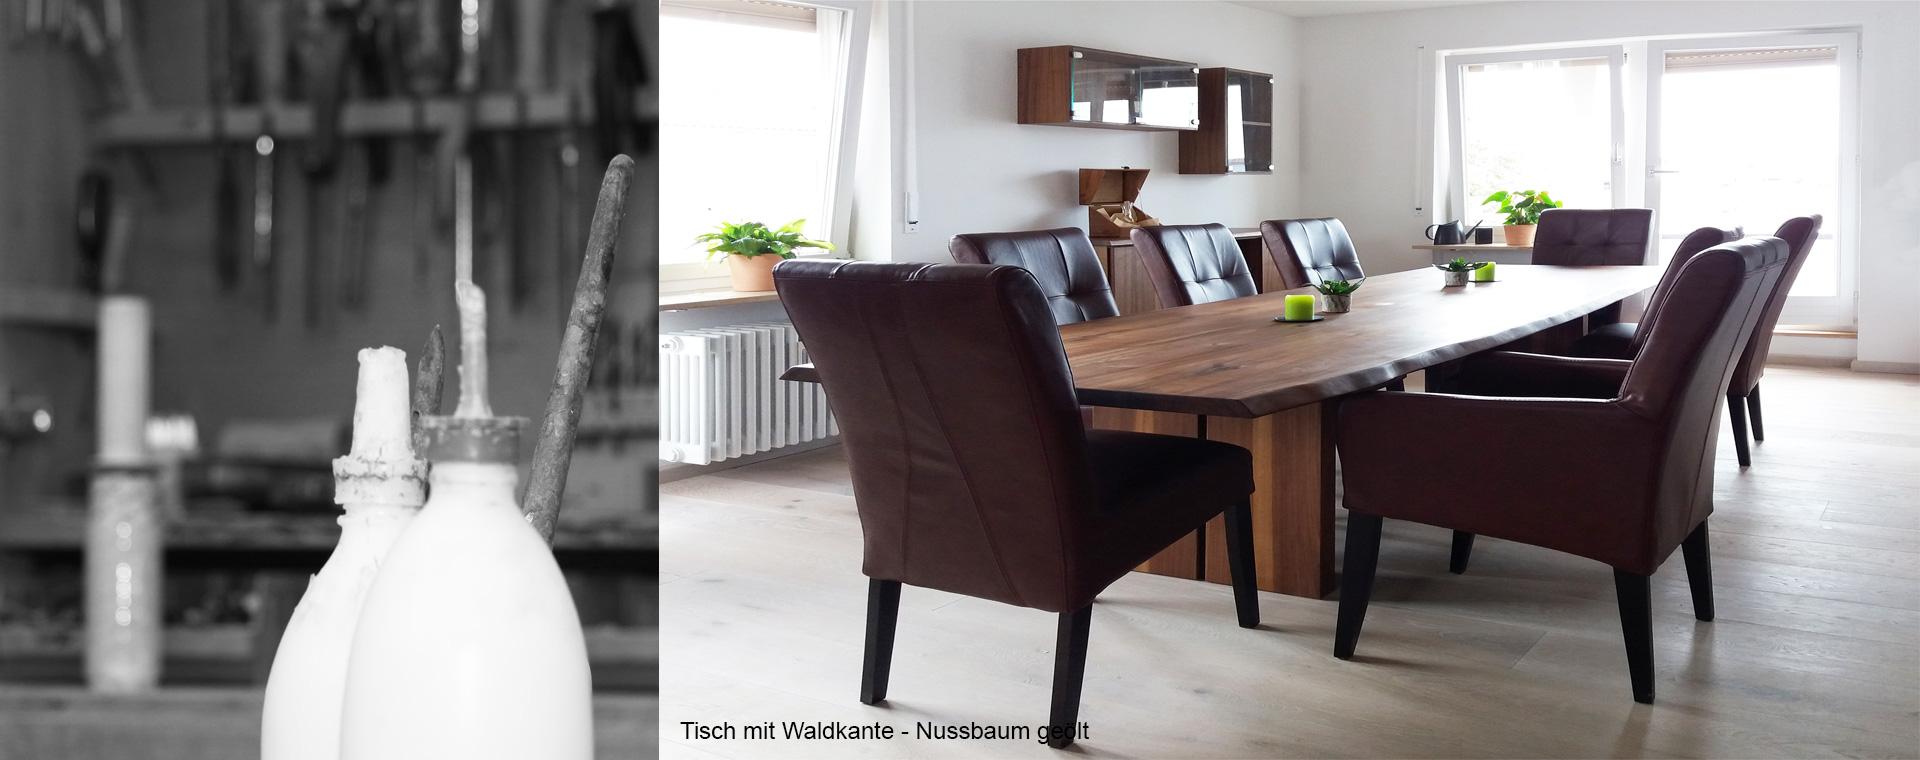 Tisch in Nussbaum Massivholz mit Waldkante und Werkstattimpression